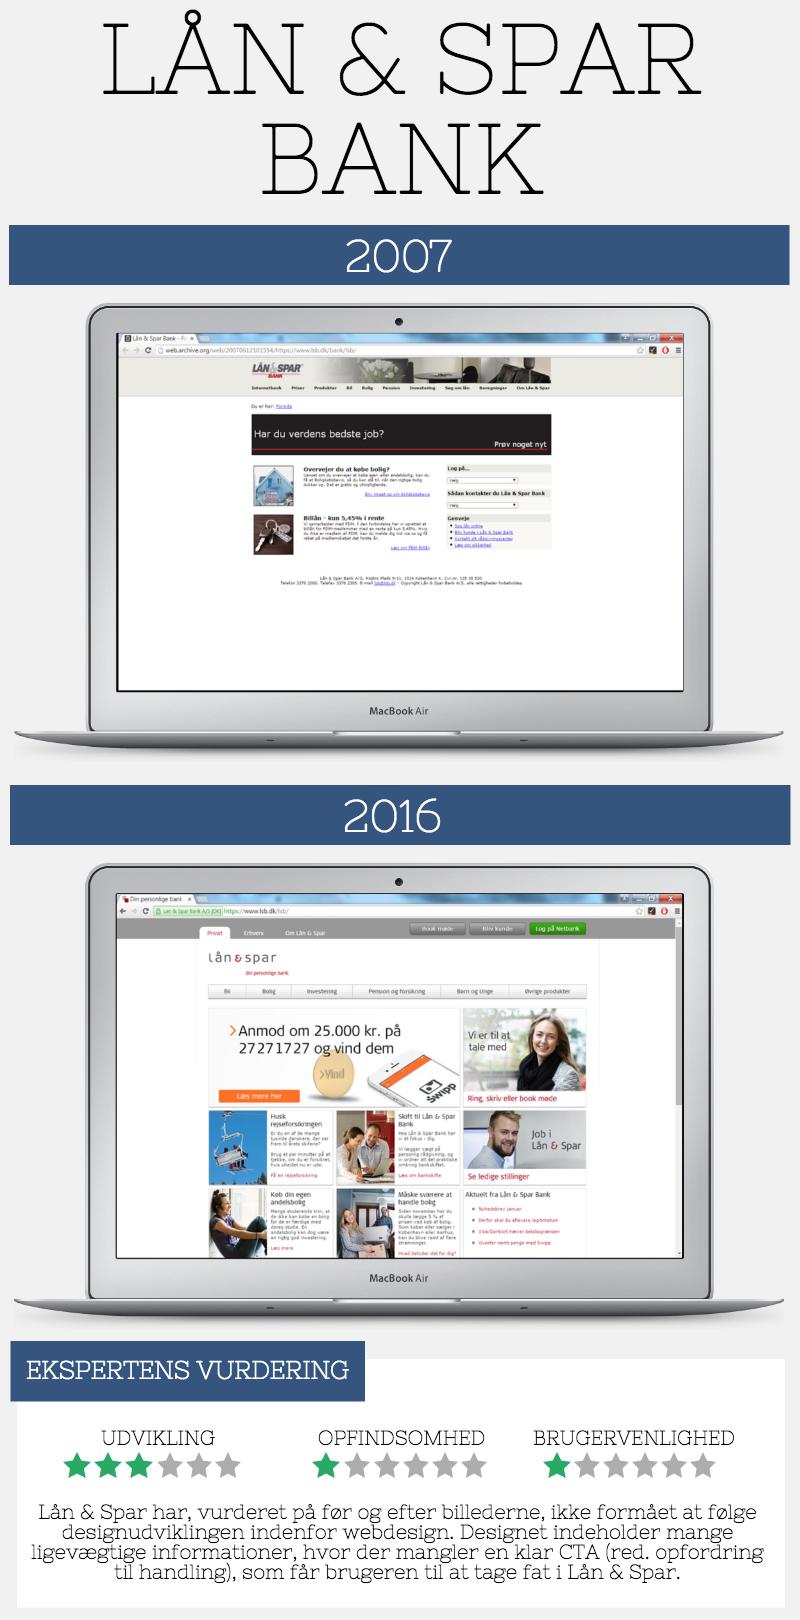 Ville du stole på din bank med deres første hjemmeside? | Mikonomi.dk